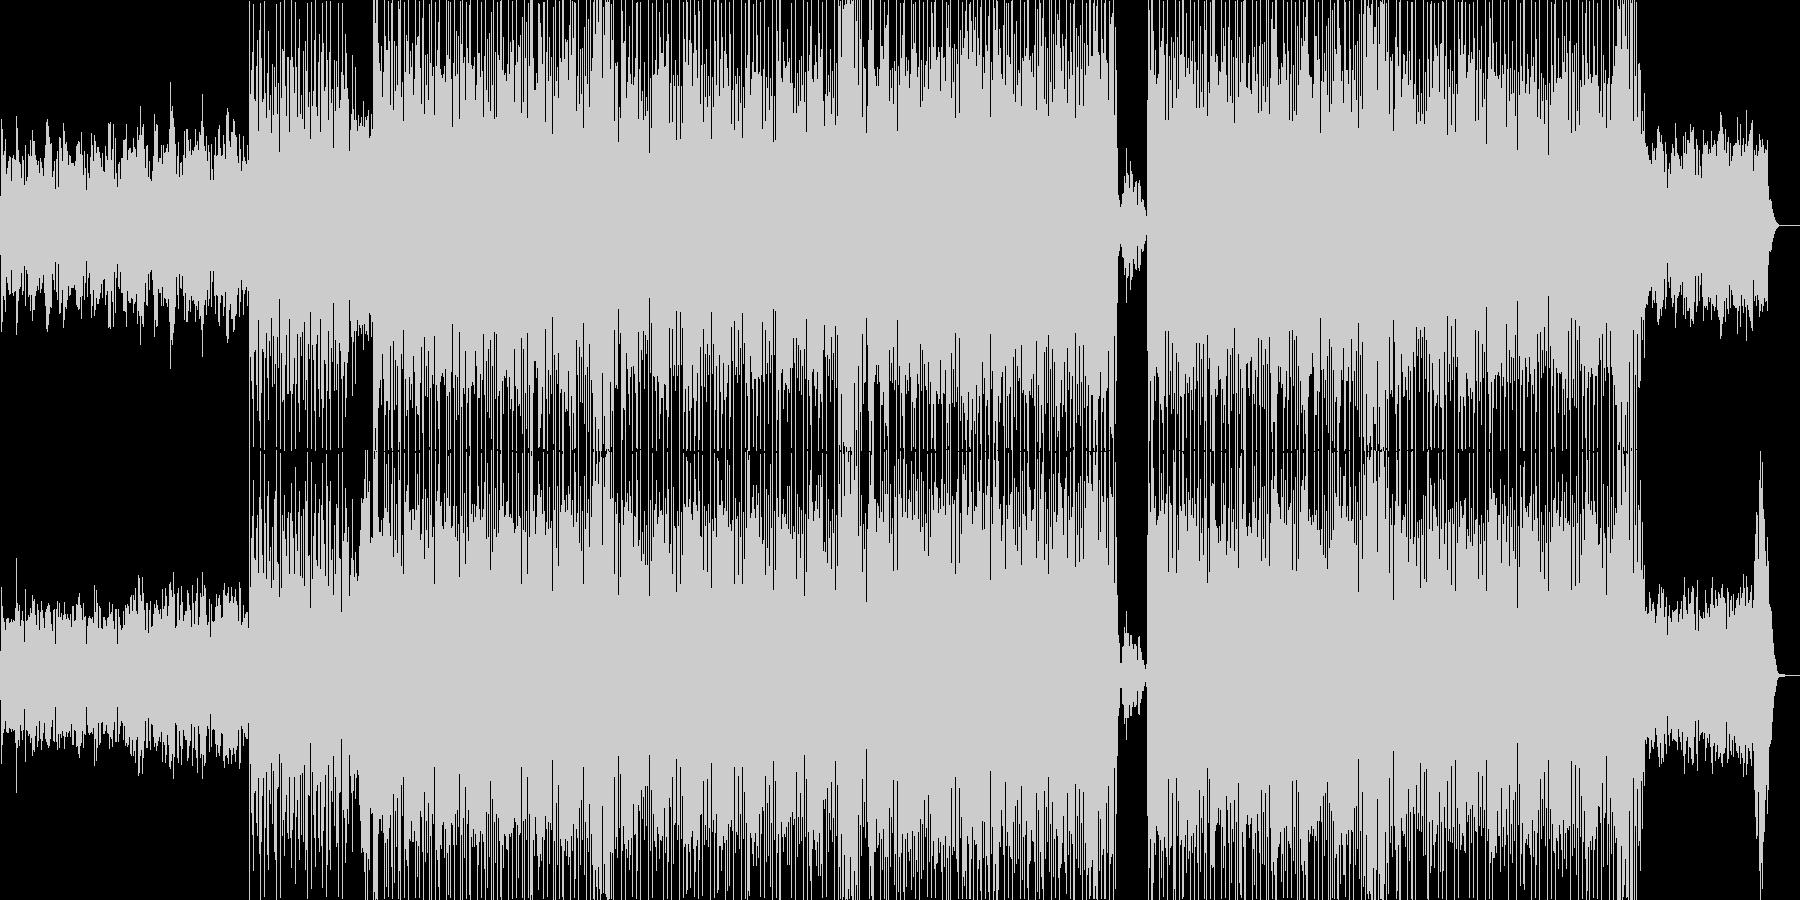 はじけるシンセサイザーハウス系サウンドの未再生の波形